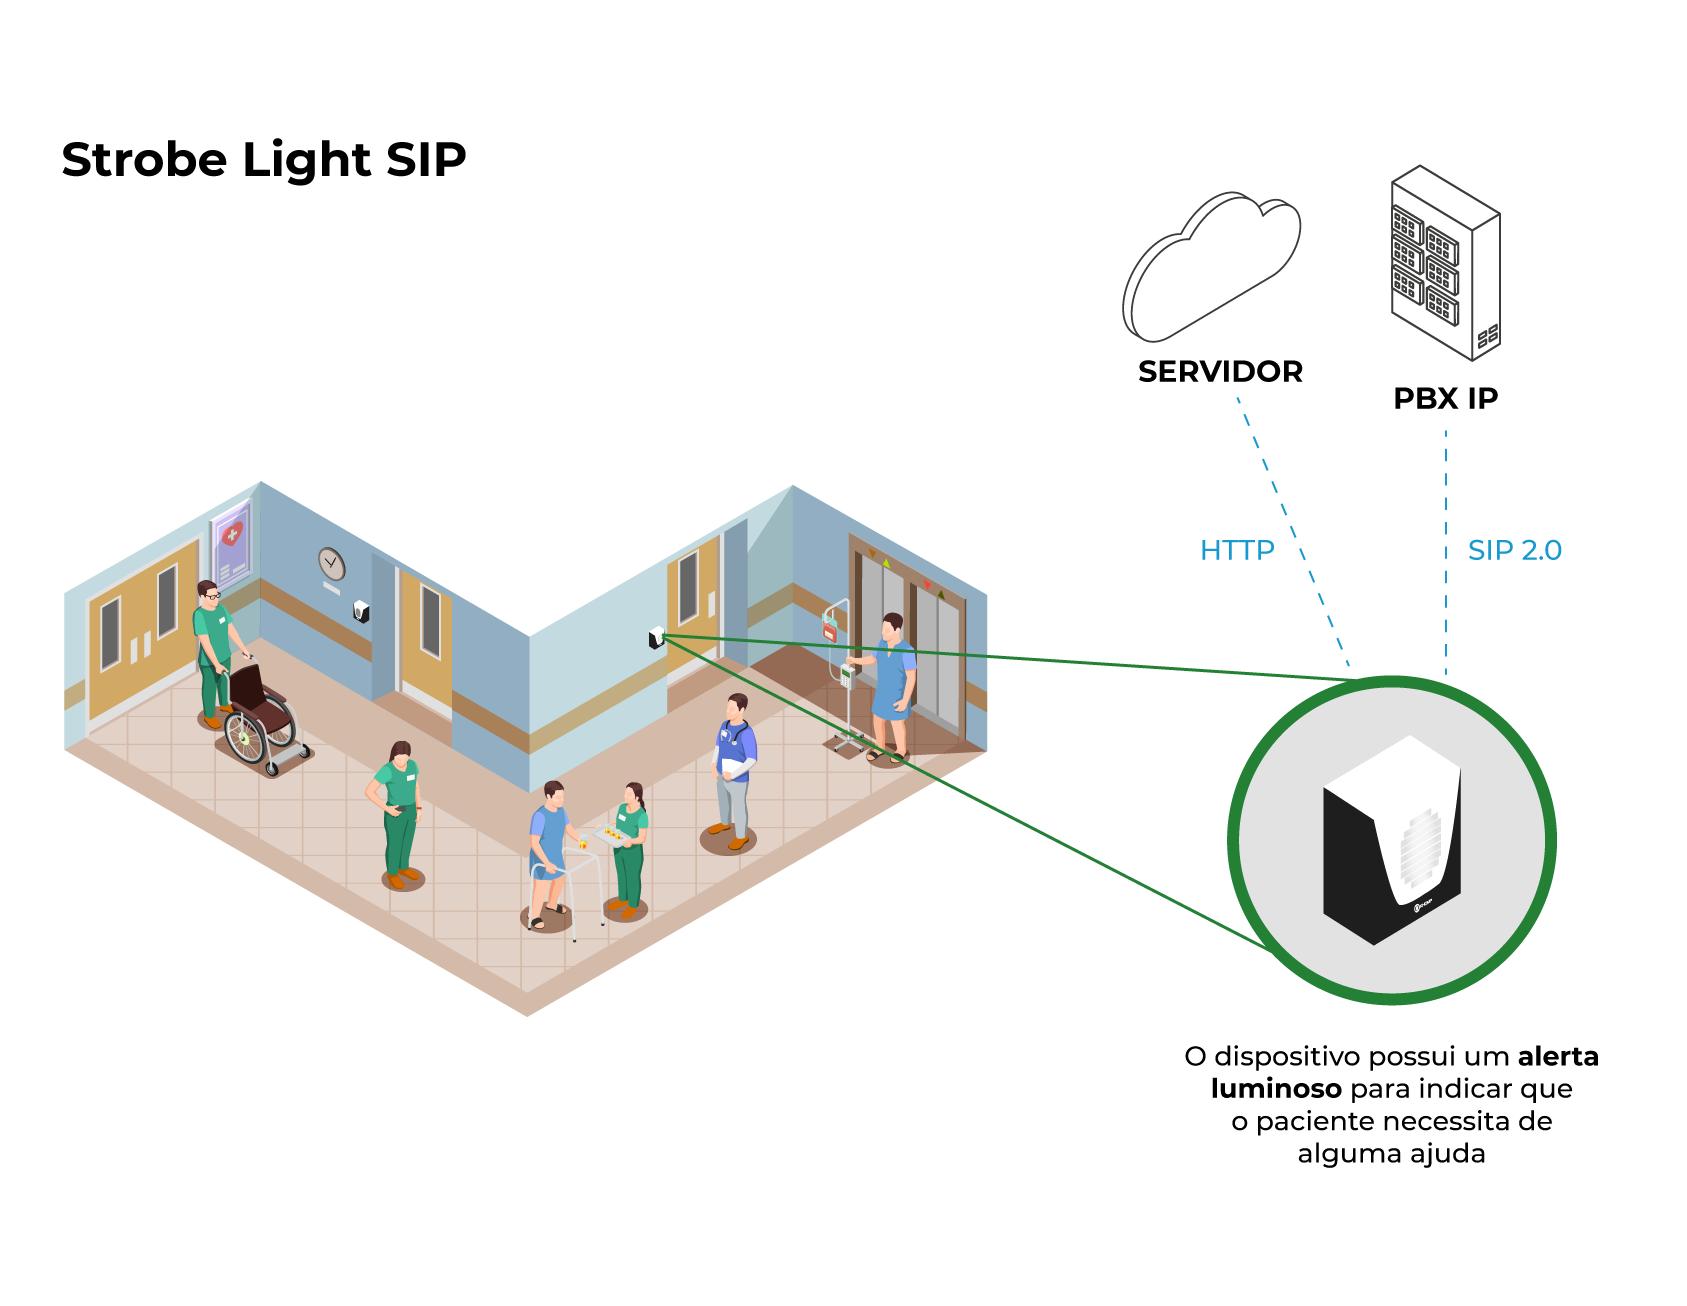 Modelo de aplicação - Strobe Light SIP (Não Ruidoso)